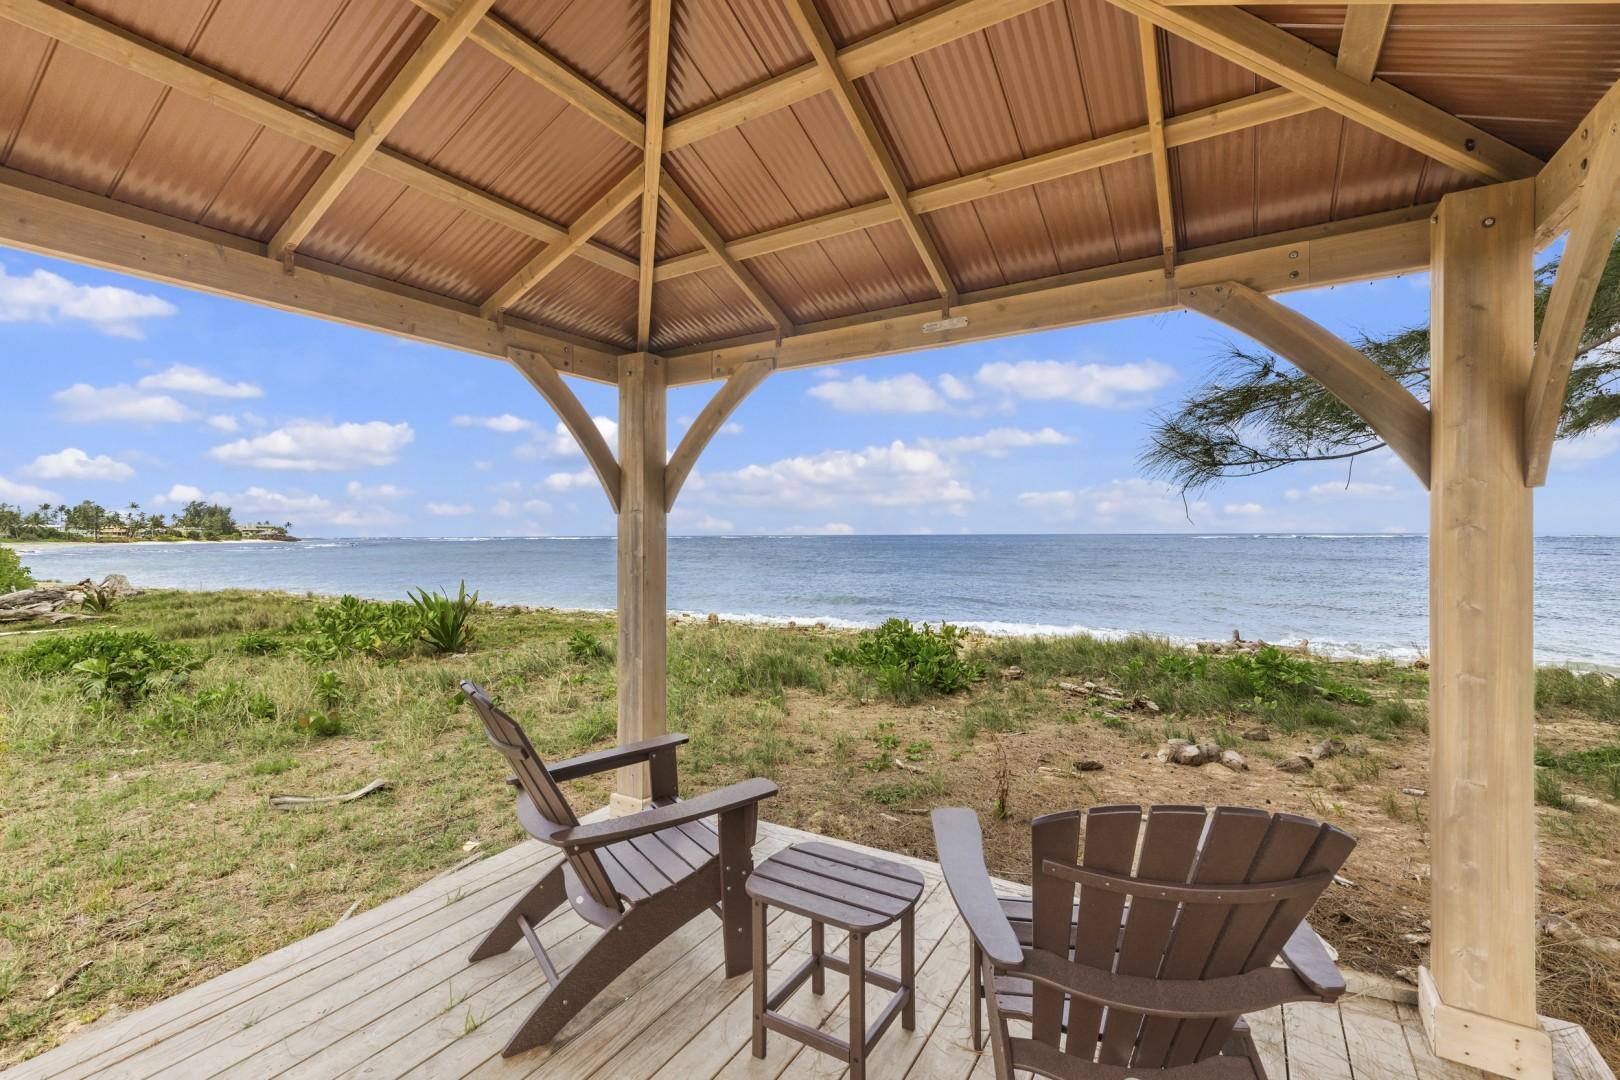 Beachfront gazebo for relaxing near the ocean.